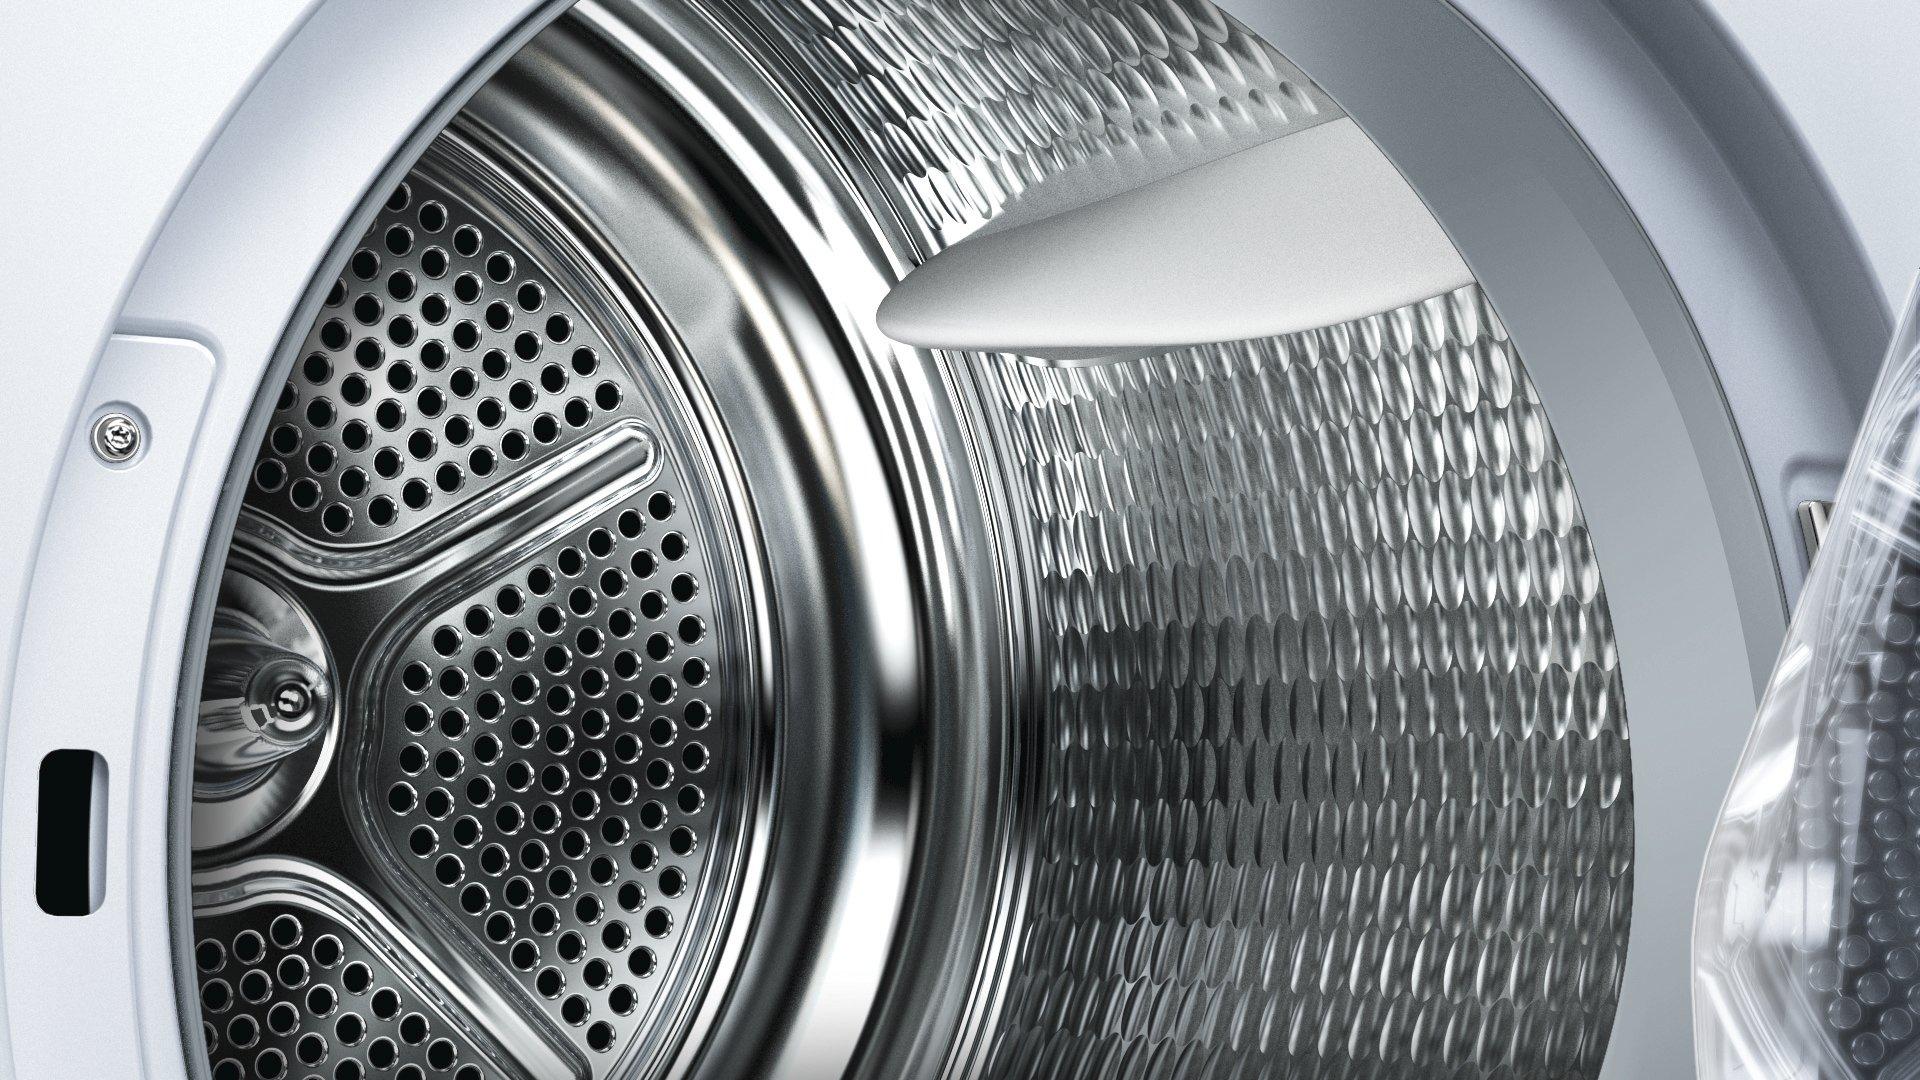 Siemens-wt47-W568it-autonome-Belastung-Bevor-8-kg-A-wei-Trockner-autonome-bevor-Belastung-Kondensation-wei-drehbar-rechts